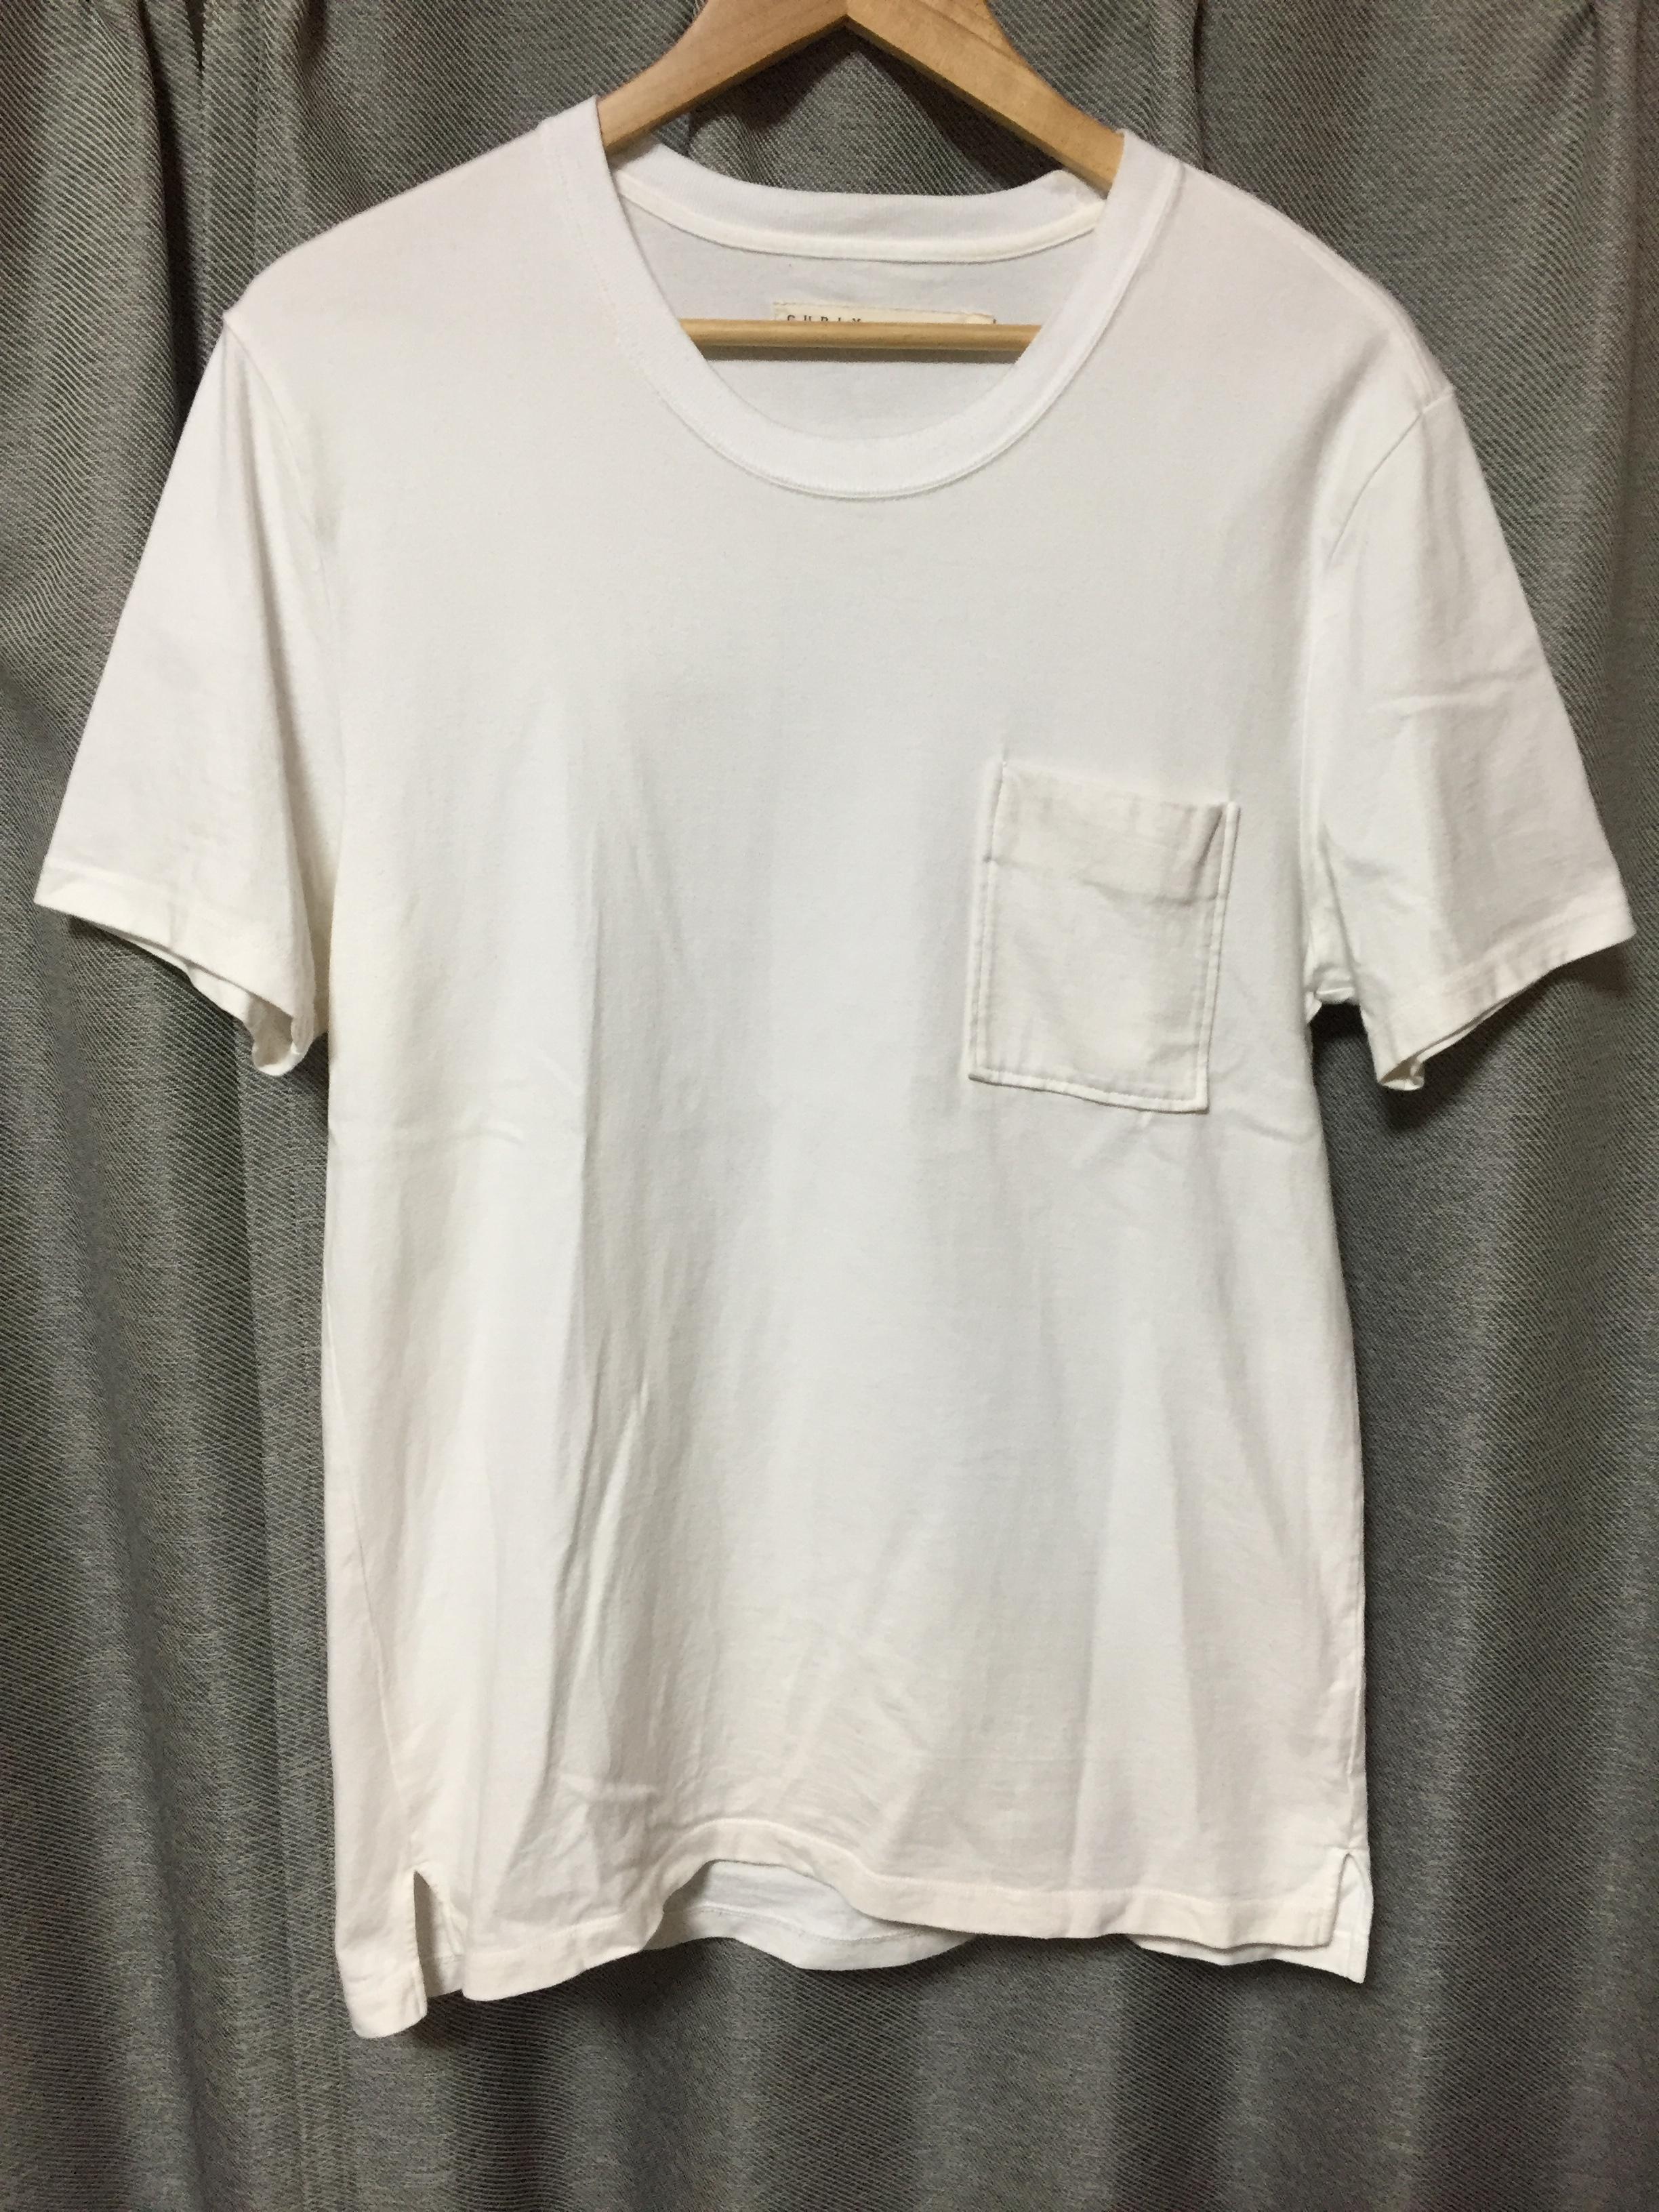 7,000円弱で購入したCURLYのTシャツ